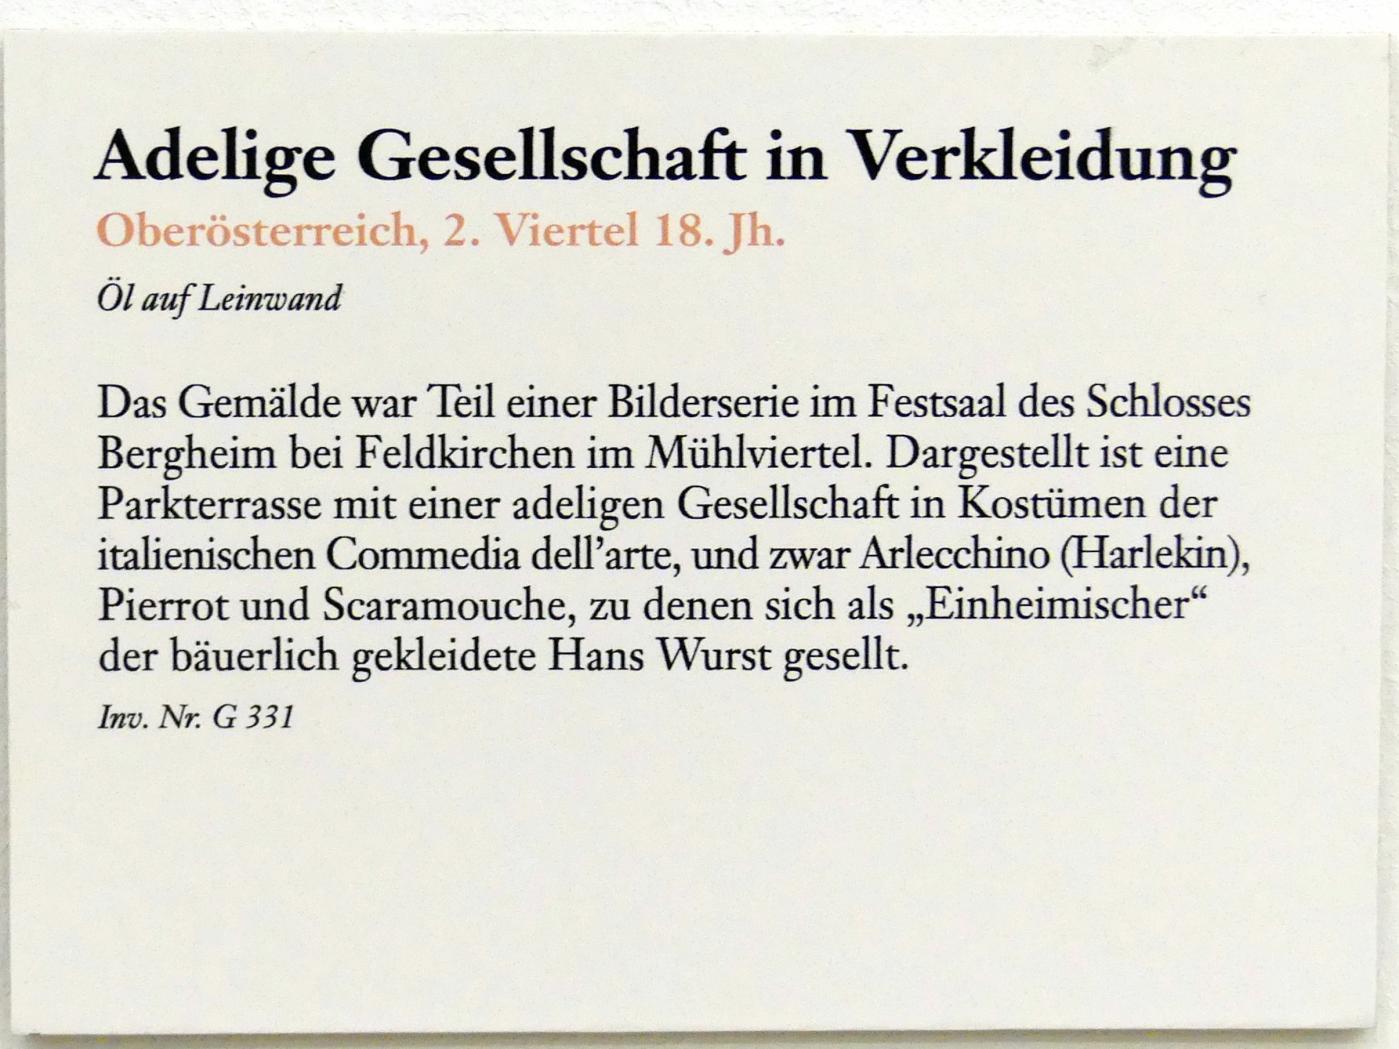 Adelige Gesellschaft in Verkleidung, 2. Viertel 18. Jhd., Bild 2/2